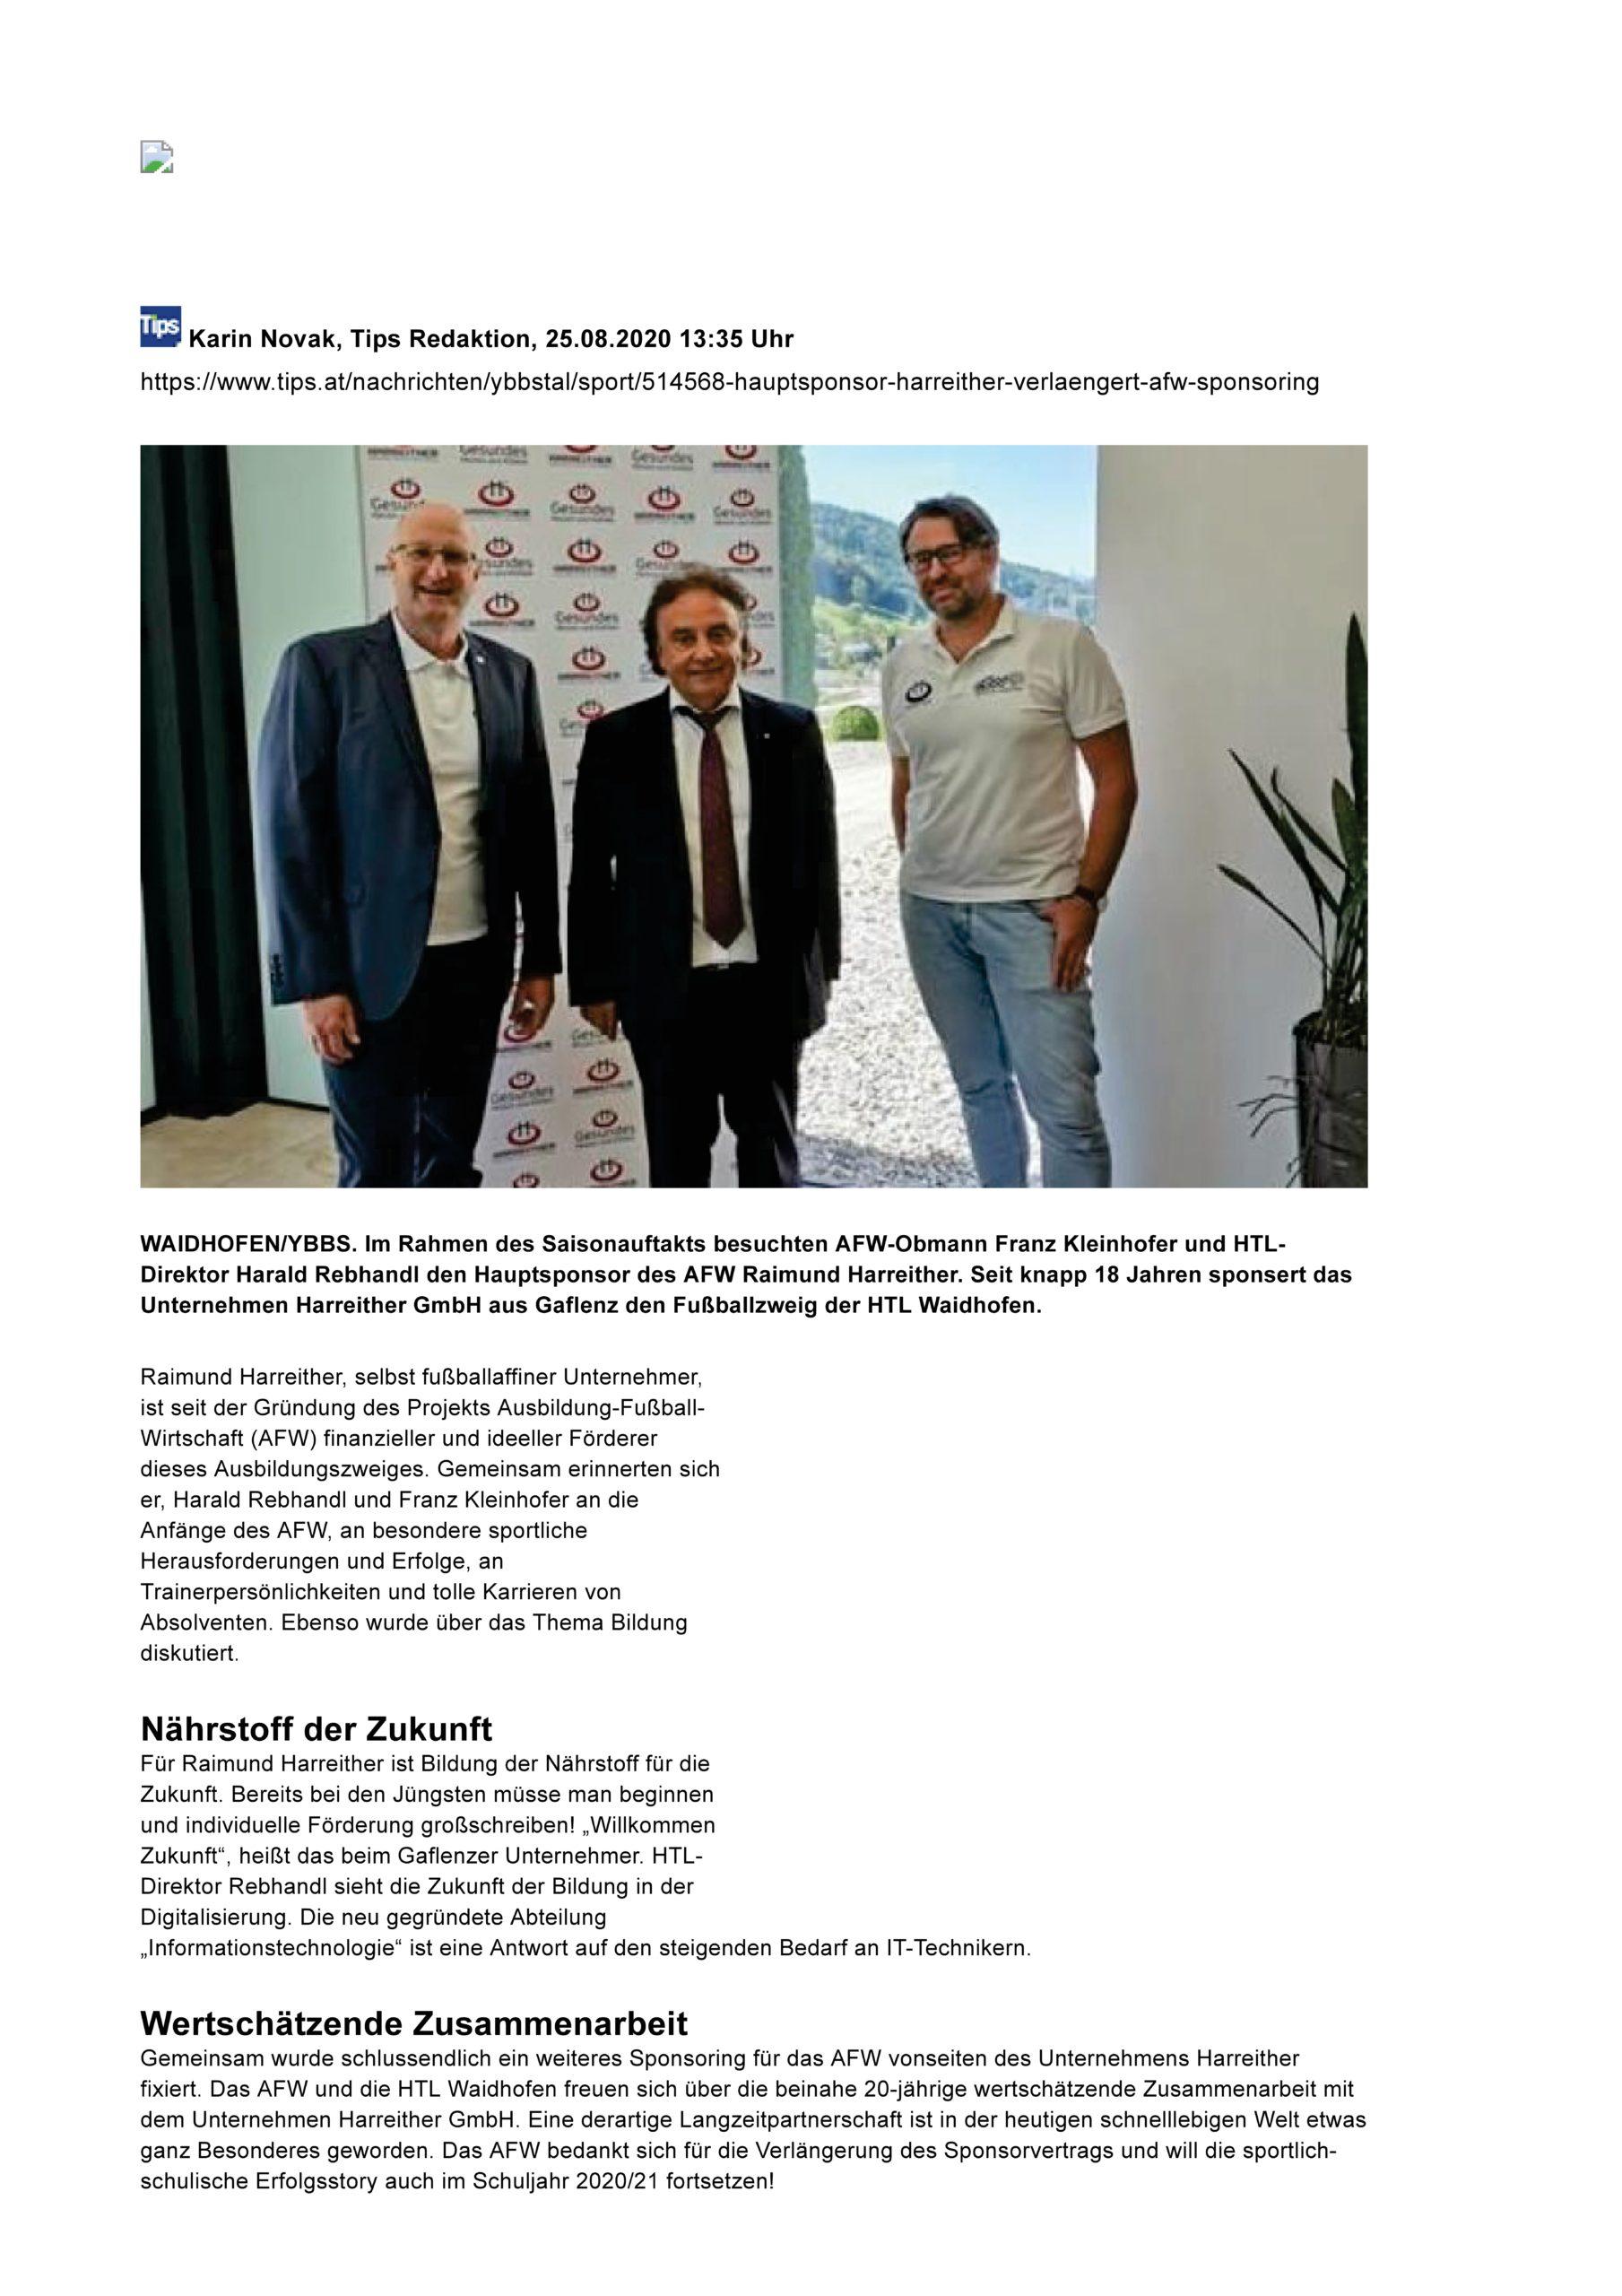 TIPS_Hauptsponsor Harreither verlängert AFW-Sponsoring